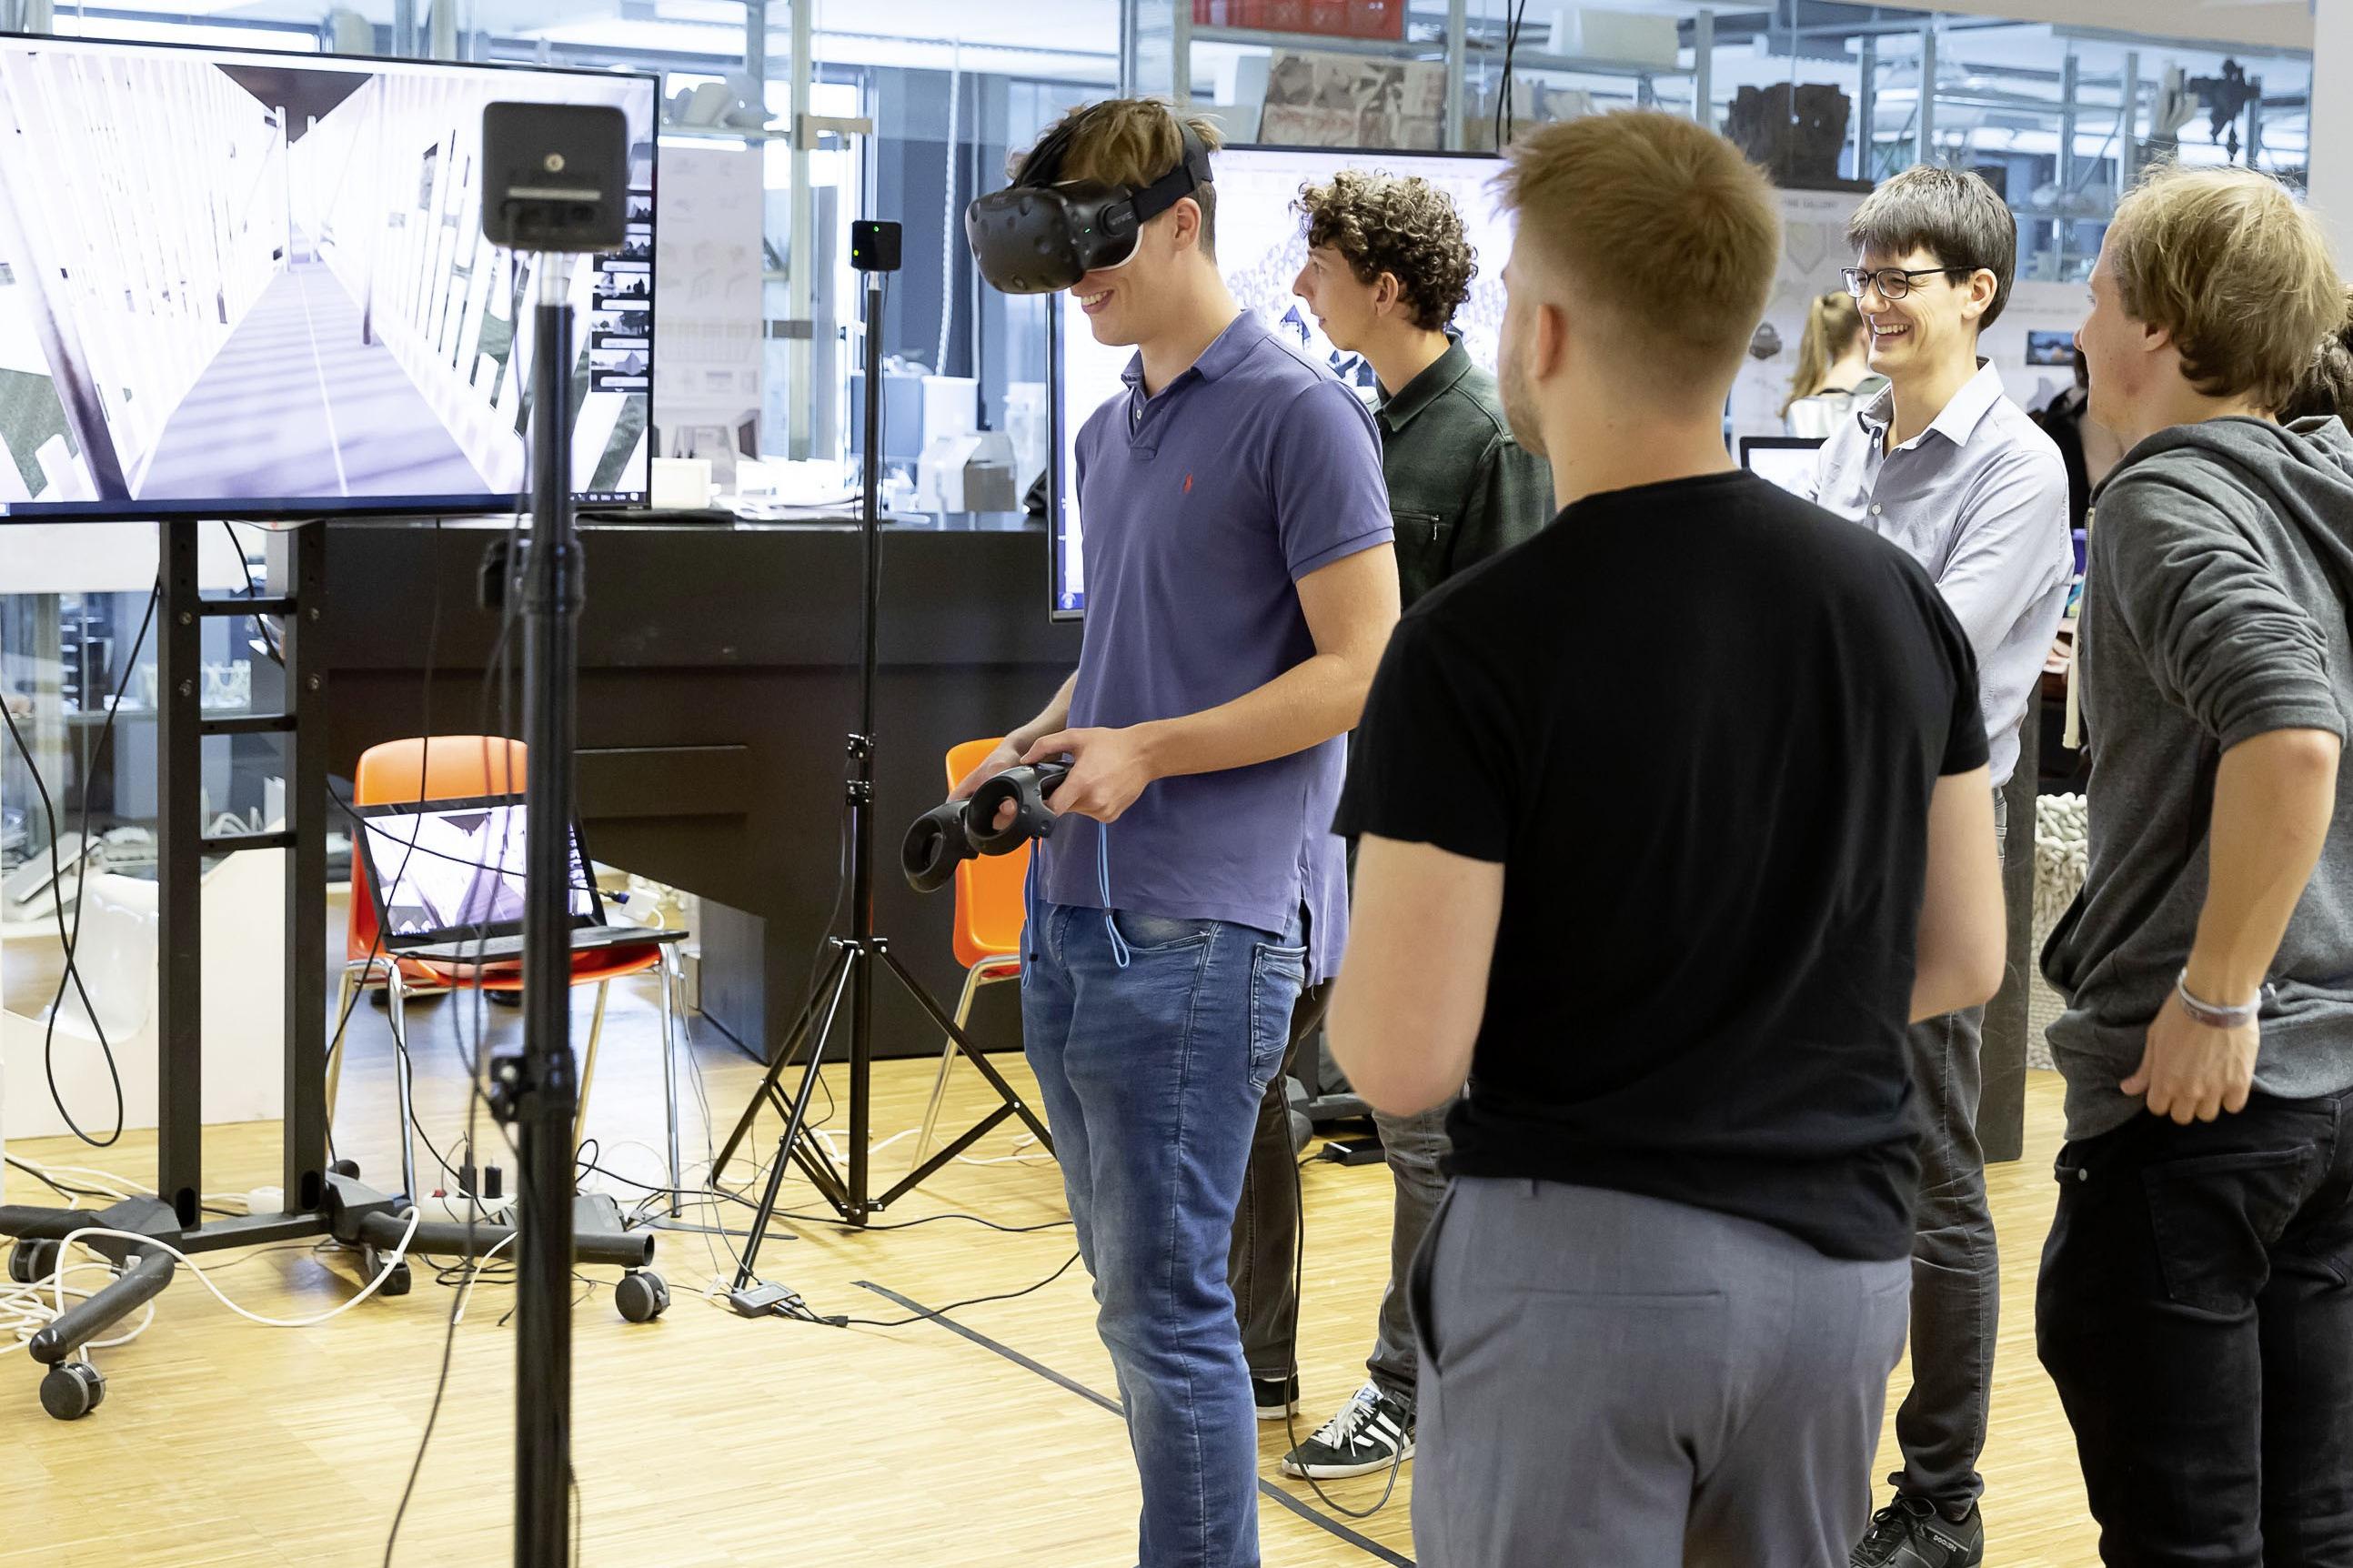 In der Berufswelt immer häufiger gefordert: Mit VR-Brillen können digital geplante Gebäude besichtigt werden. Foto: ATP/Rauschmeir<br><span class='image_copyright'>ATP/Rauschmeir</span><br>